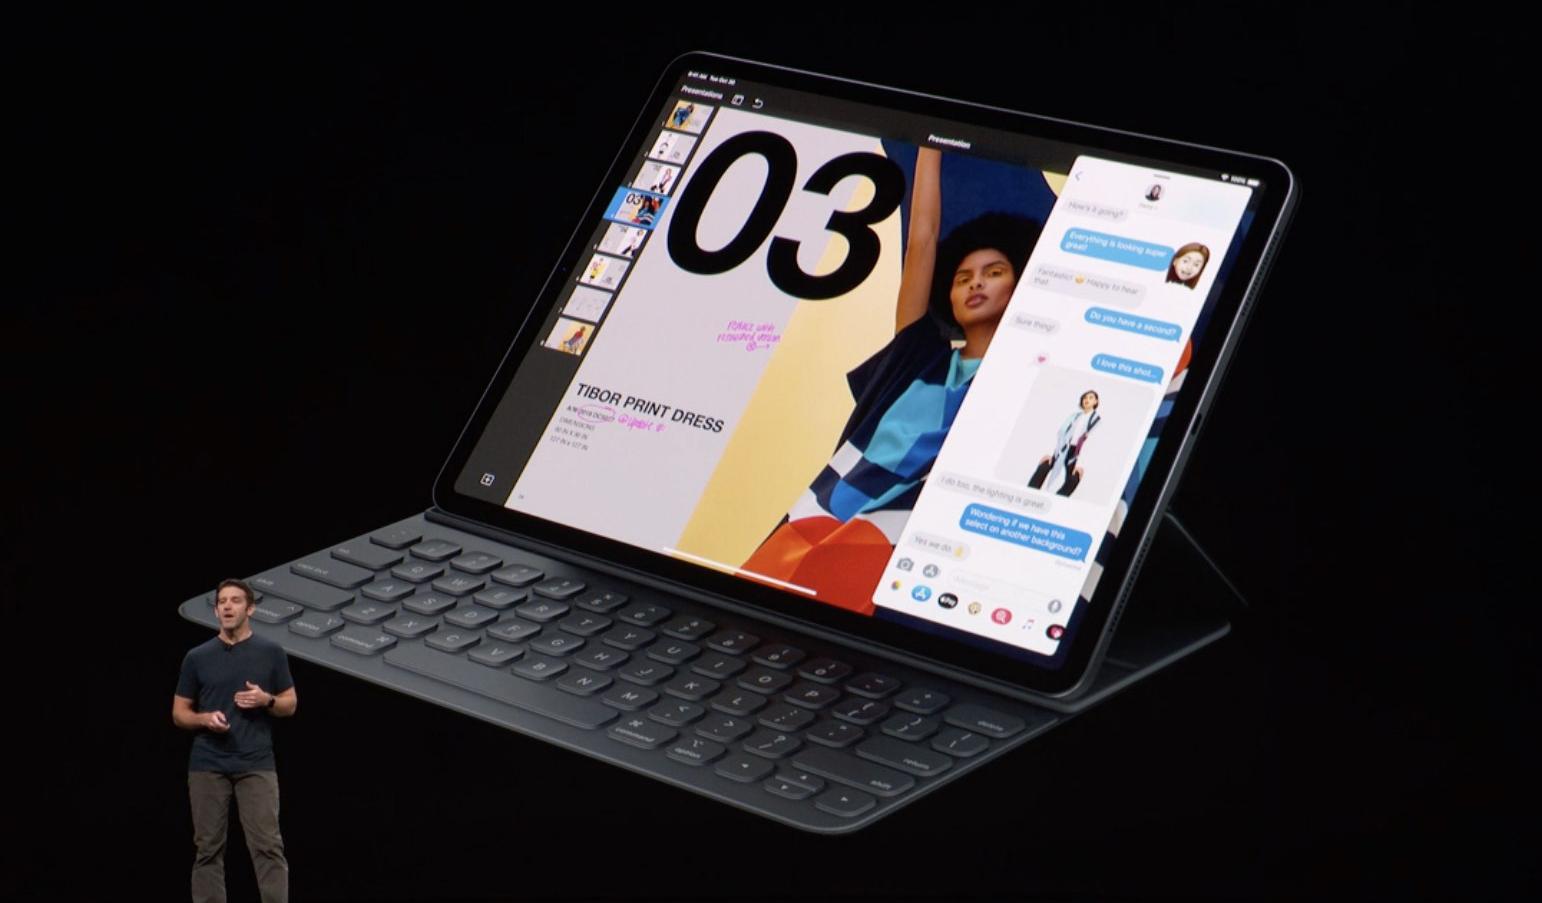 Функции, которых не хватает новому iPad, чтобы стать полноценным ПК